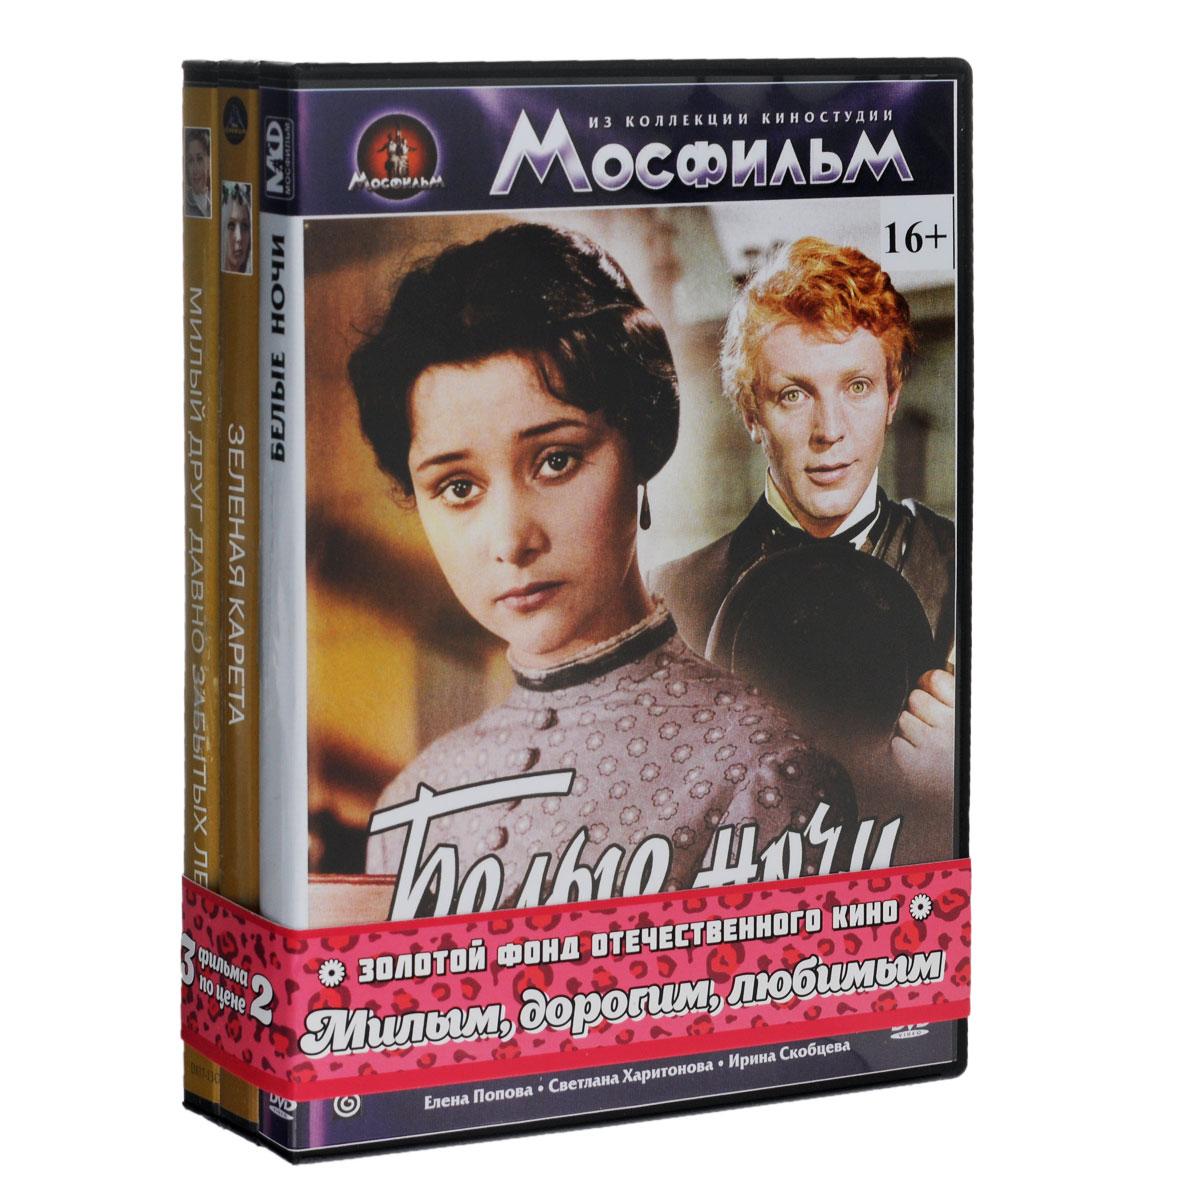 Милым, дорогим, любимым: Белые ночи / Зеленая карета / Милый друг давно забытых лет... (3 DVD)